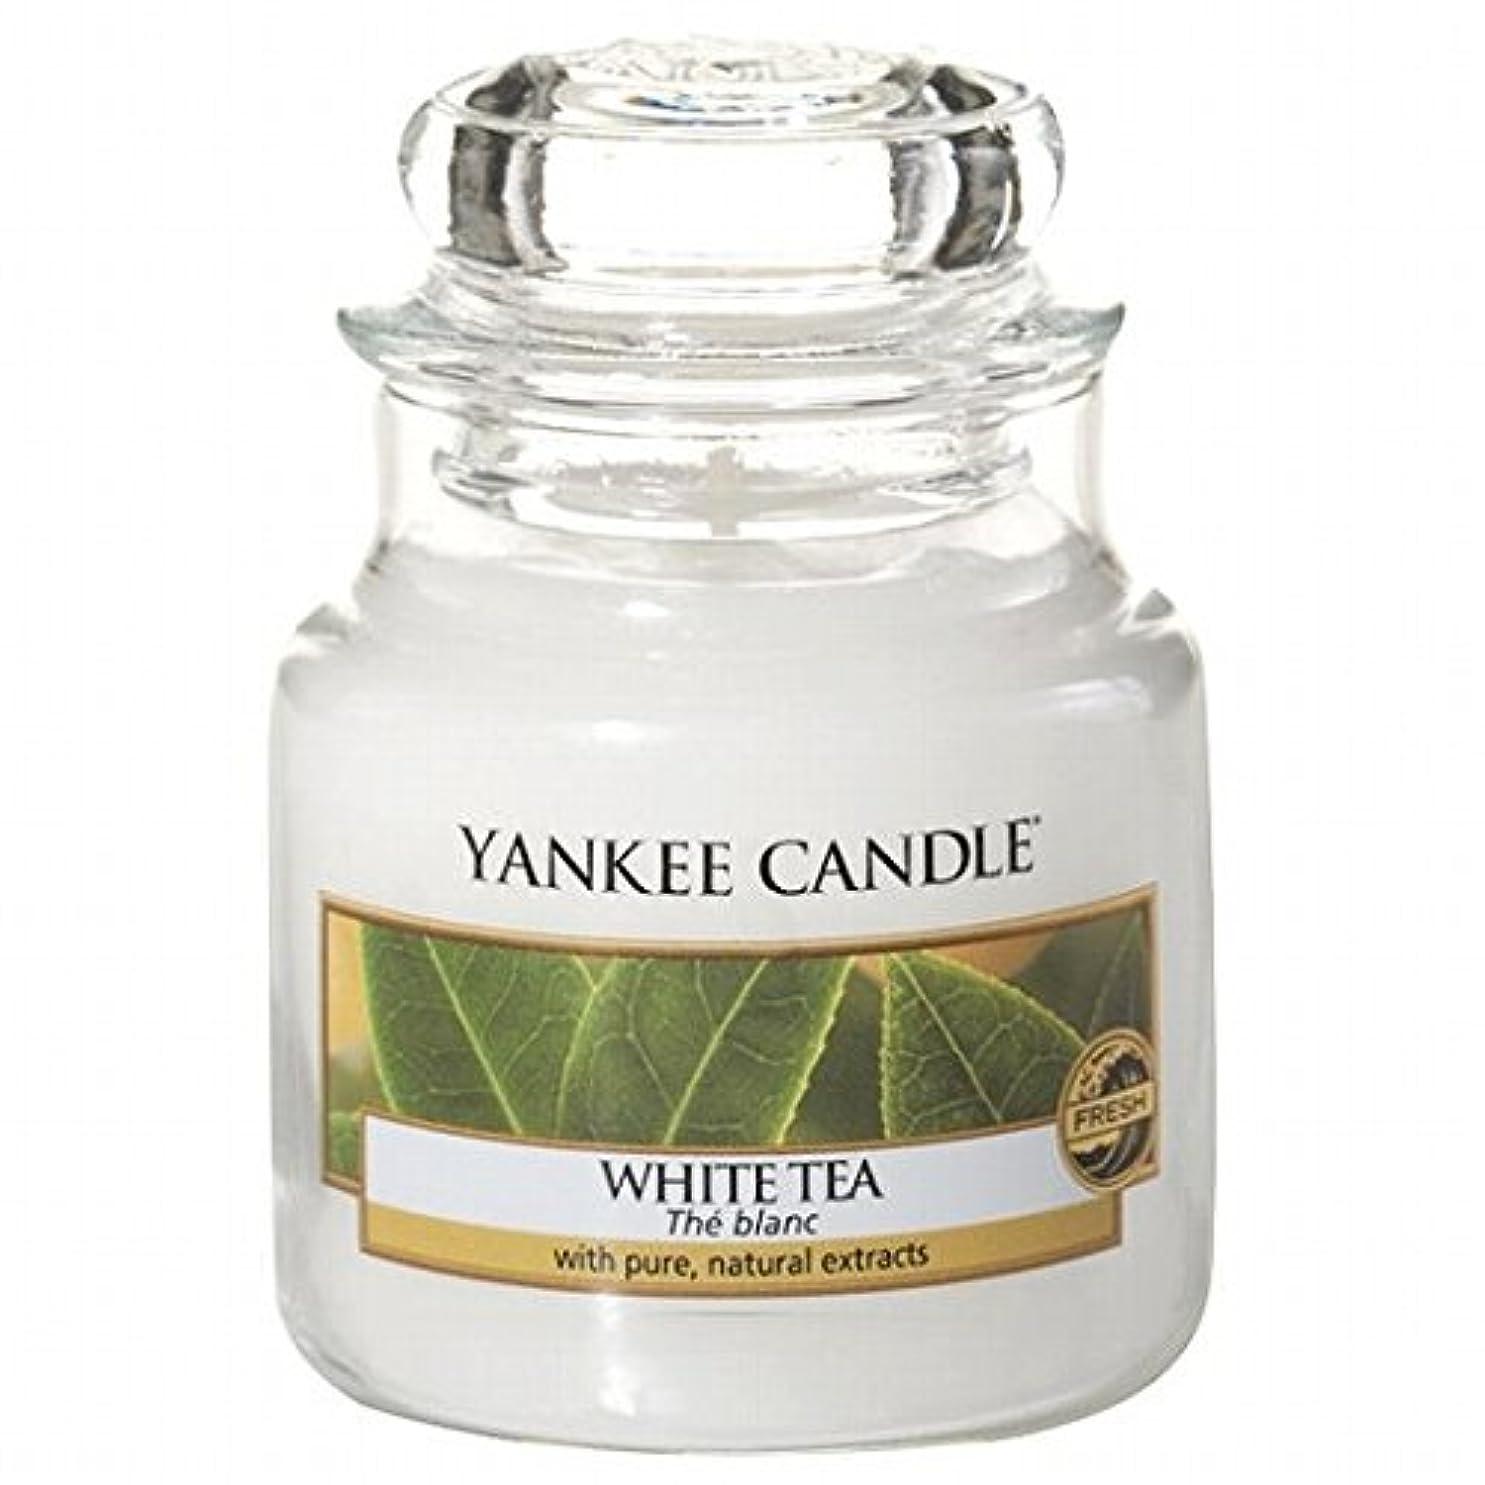 はねかける一貫した斧YANKEE CANDLE(ヤンキーキャンドル) YANKEE CANDLE ジャーS 「ホワイトティー」(K00305277)